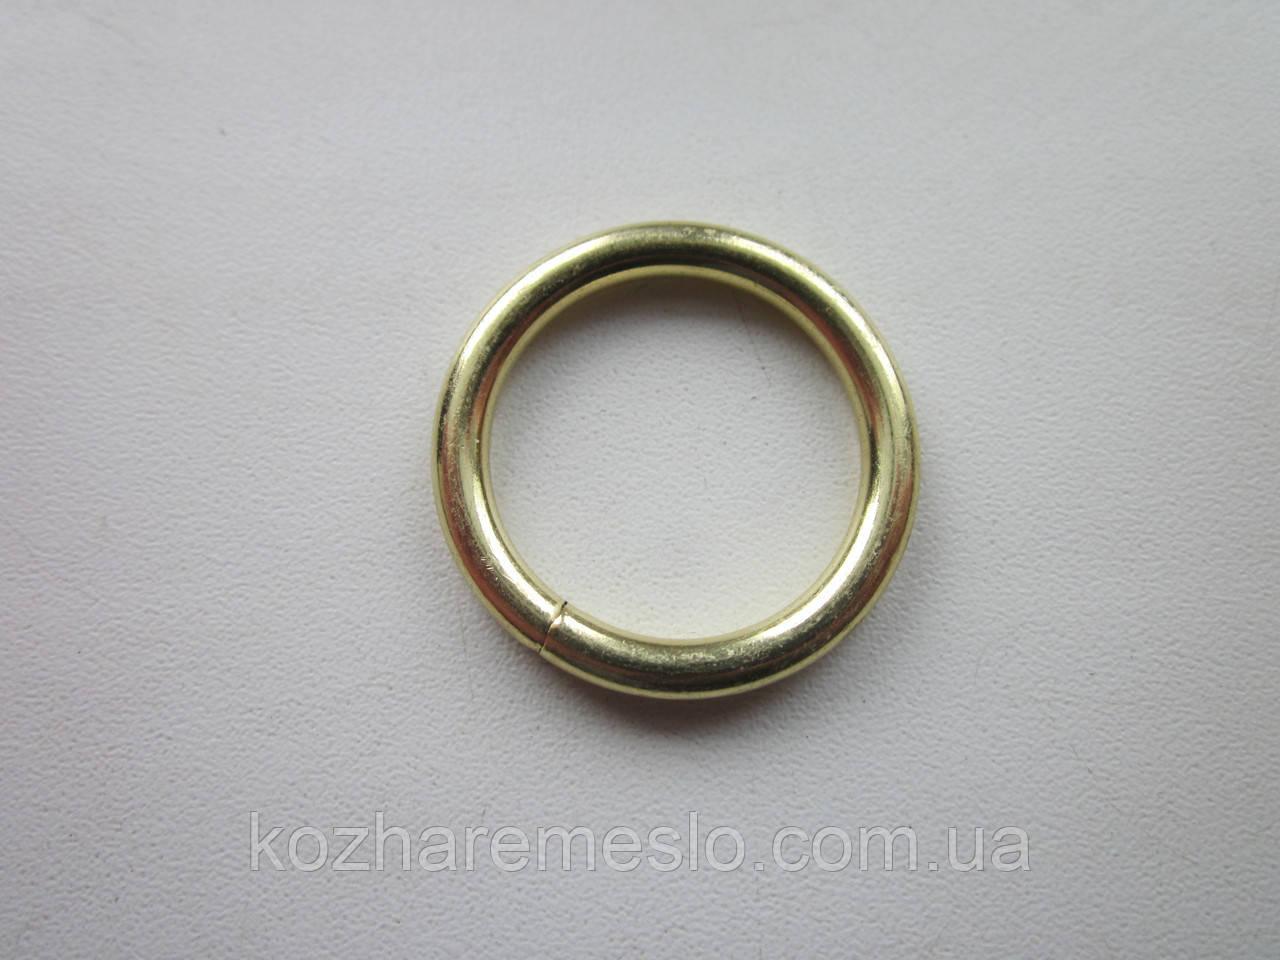 Кольцо проволочное 4  х 25 мм золото